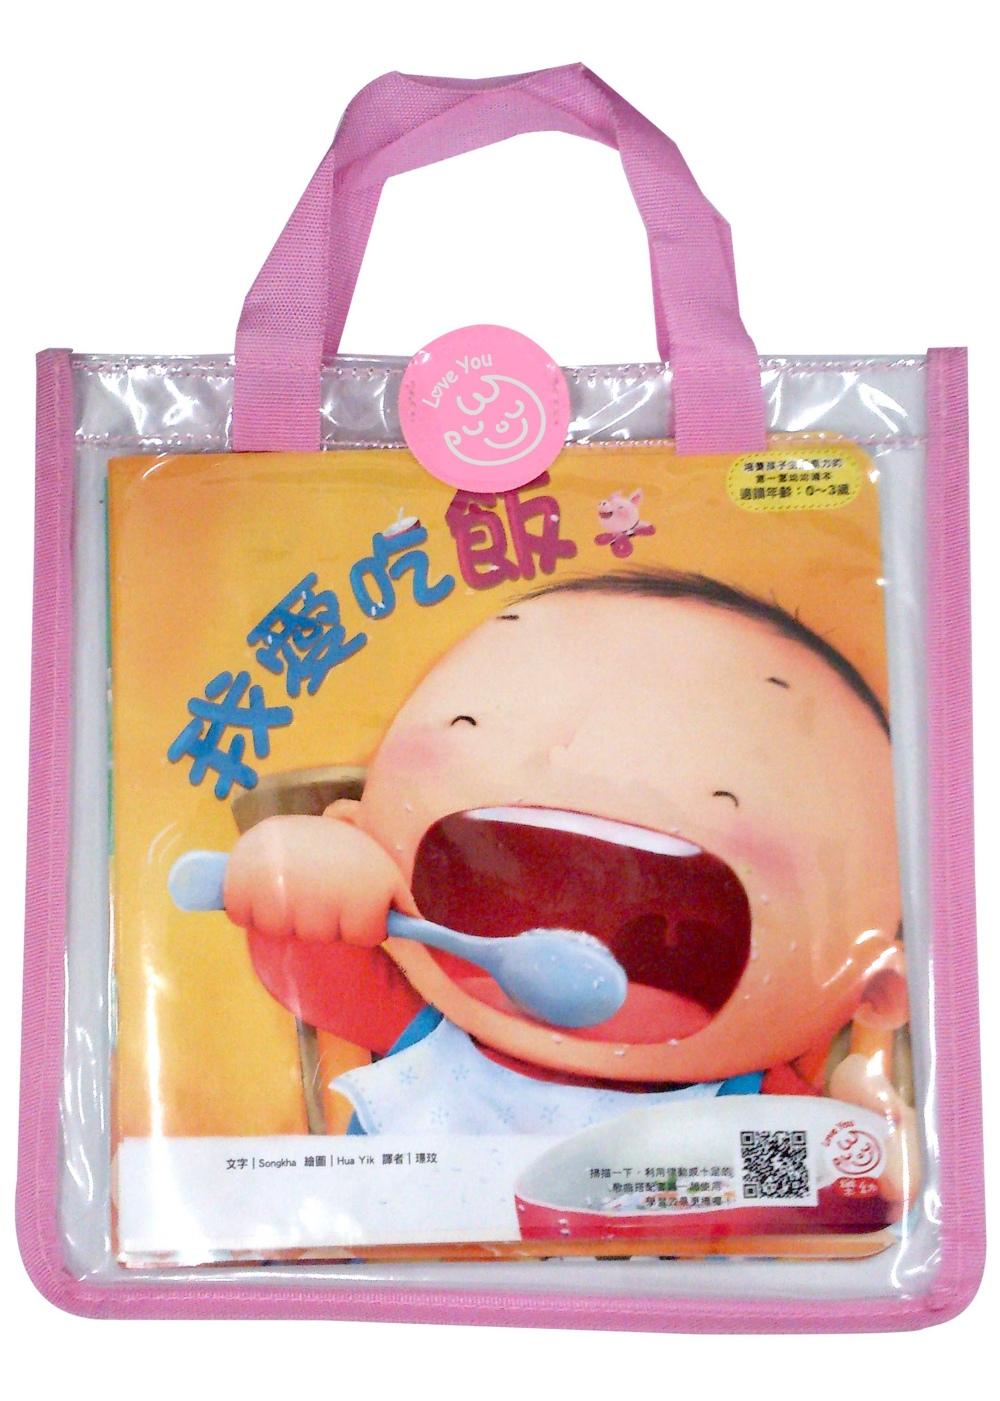 培養孩子生活能力的第一套幼幼繪本:動一動+嗯嗯+我愛吃飯(全套三冊,隨書附贈輕巧小手袋)